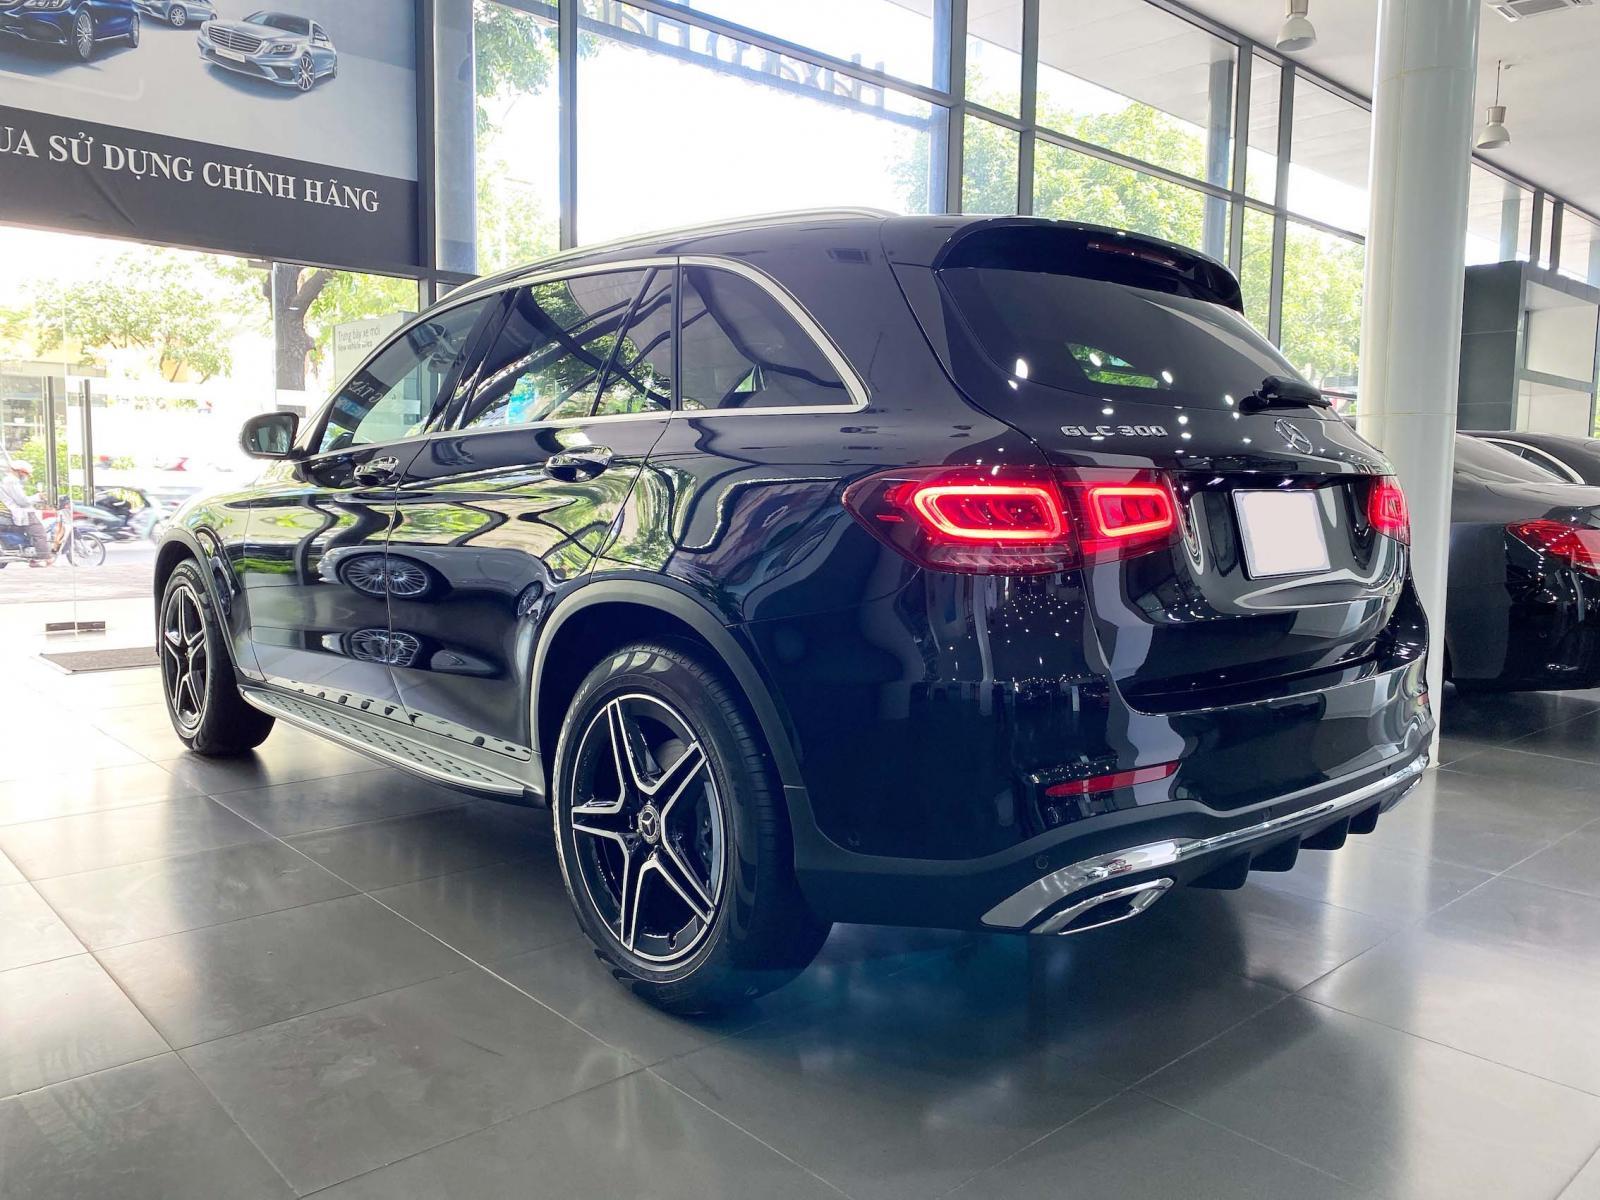 Bán Mercedes GLC300 2021 màu đen xe đã qua sử dụng chính hãng, rẻ hơn mua mới tới 300tr, hỗ trợ trả góp 80%